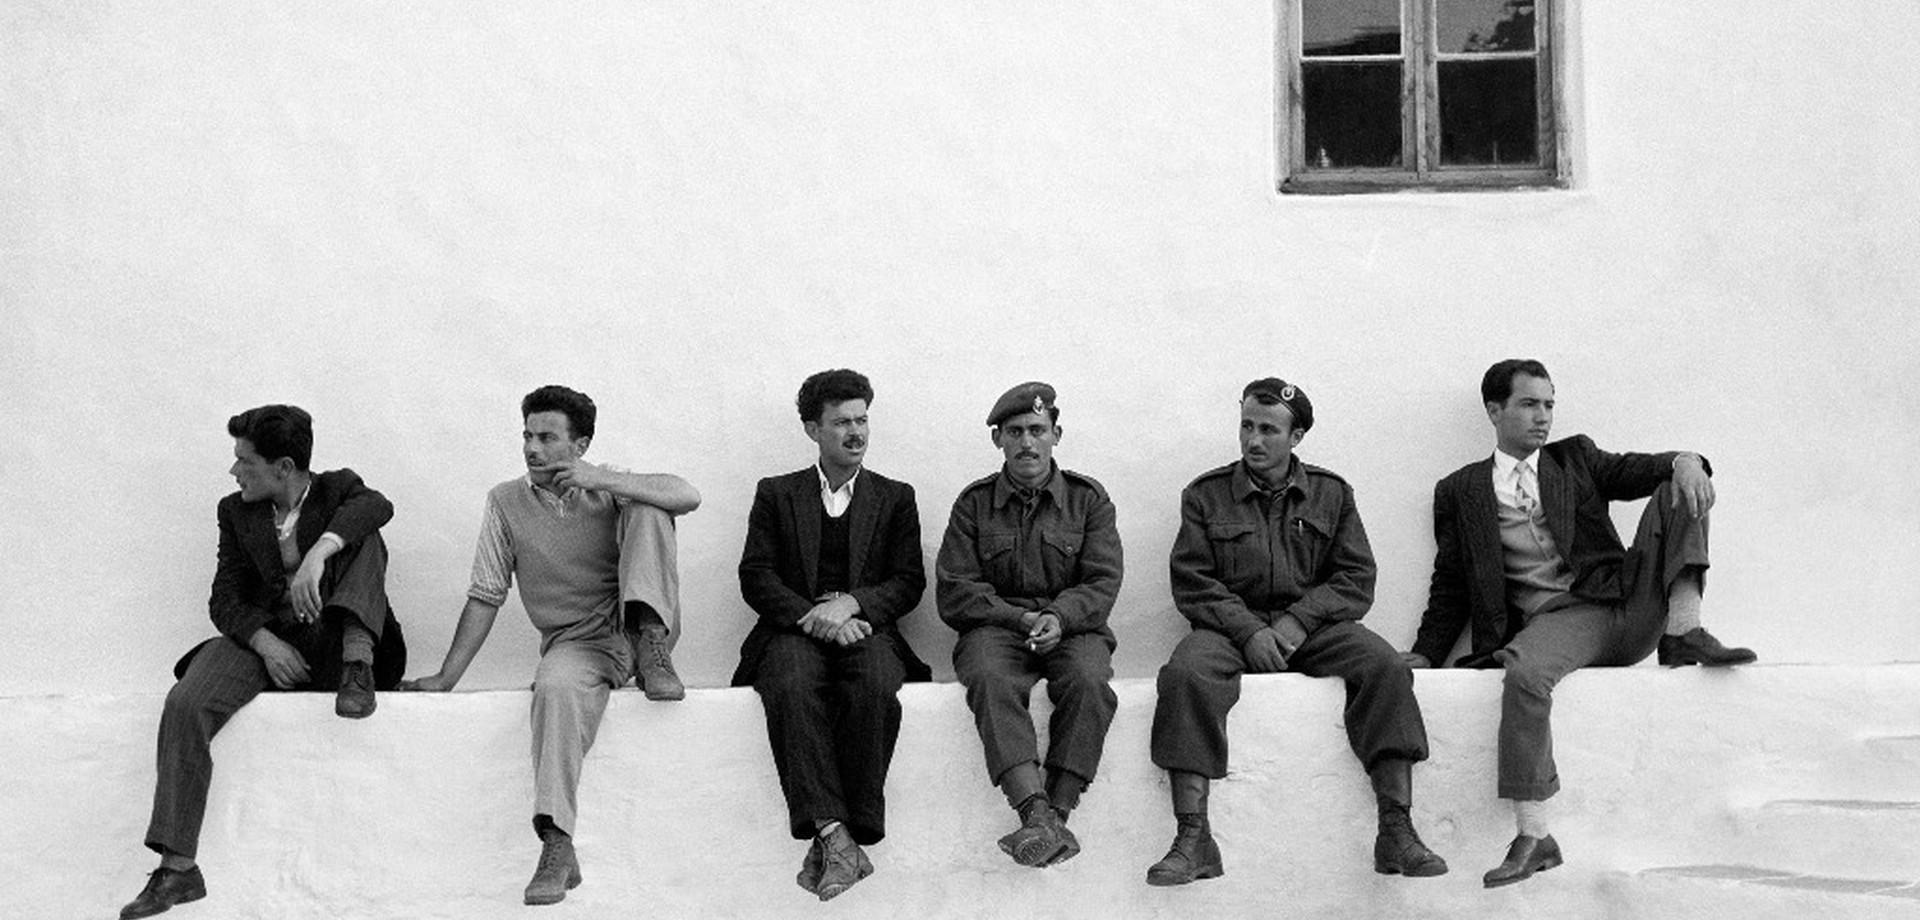 «Πορτραίτα Ιστορίας: Βούλα Παπαϊωάννου – Δημήτρης Χαρισιάδης 1940-1960» στο Μουσείο Φωτογραφίας Θεσσαλονίκης